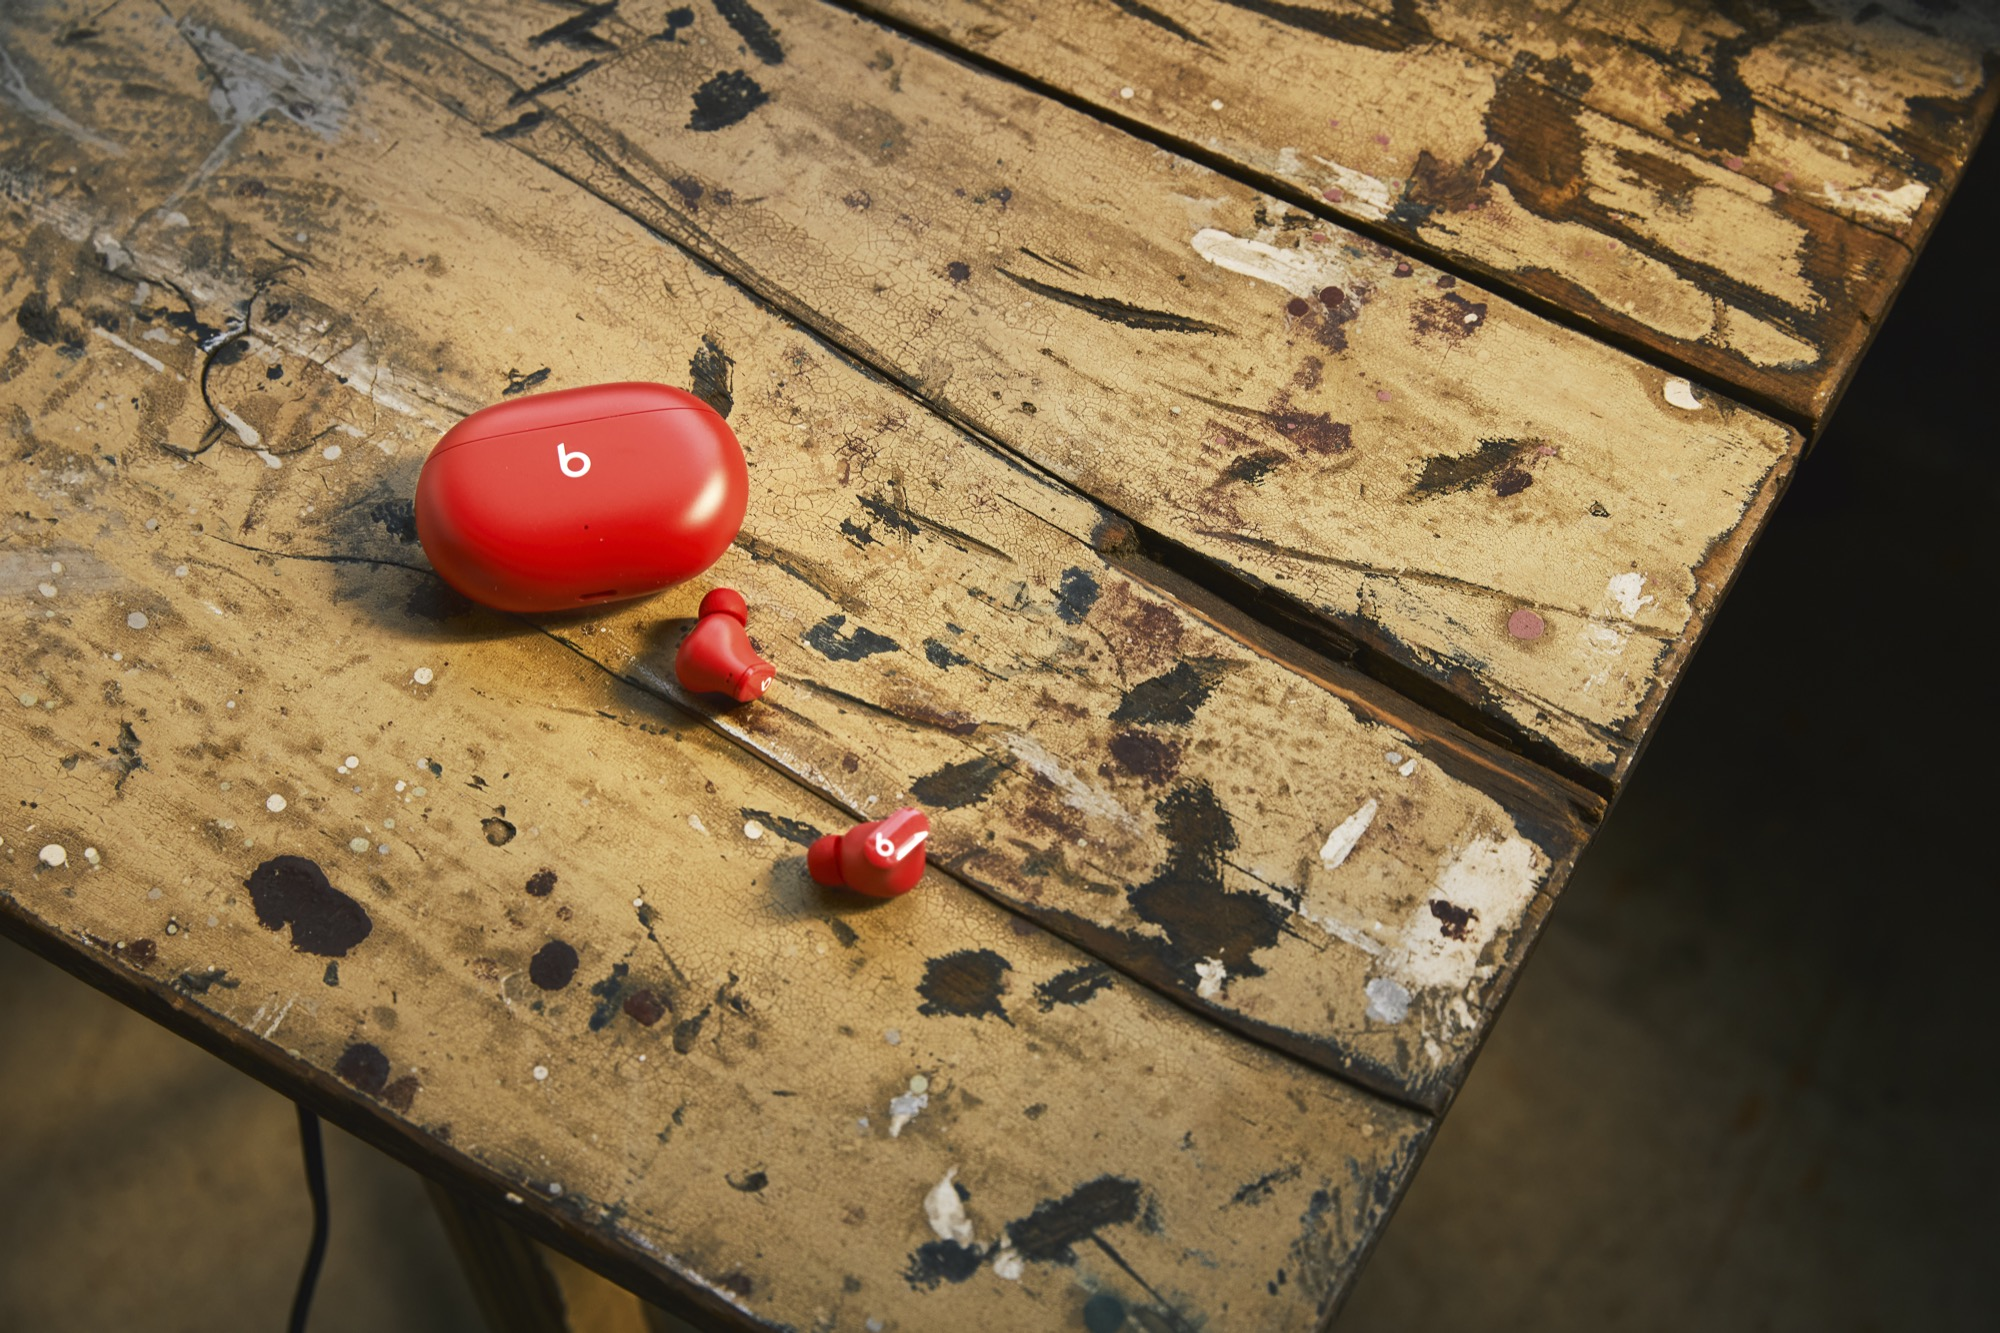 Det här är Beats Studio Buds AirPods i annan form